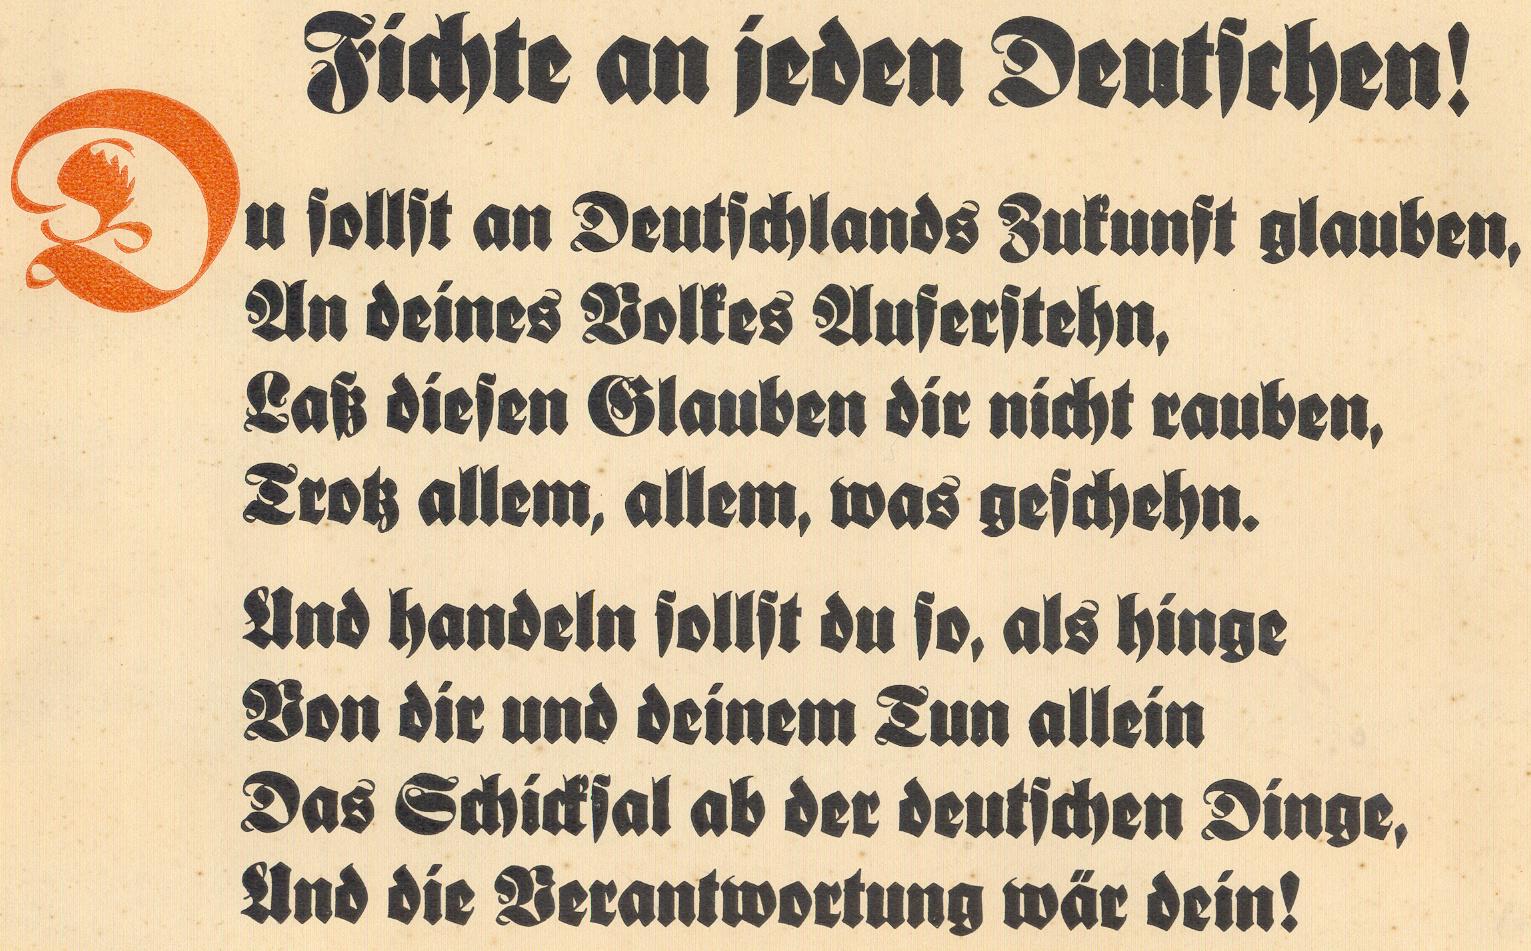 Du Sollst An Deutschlands Zukunft Glauben